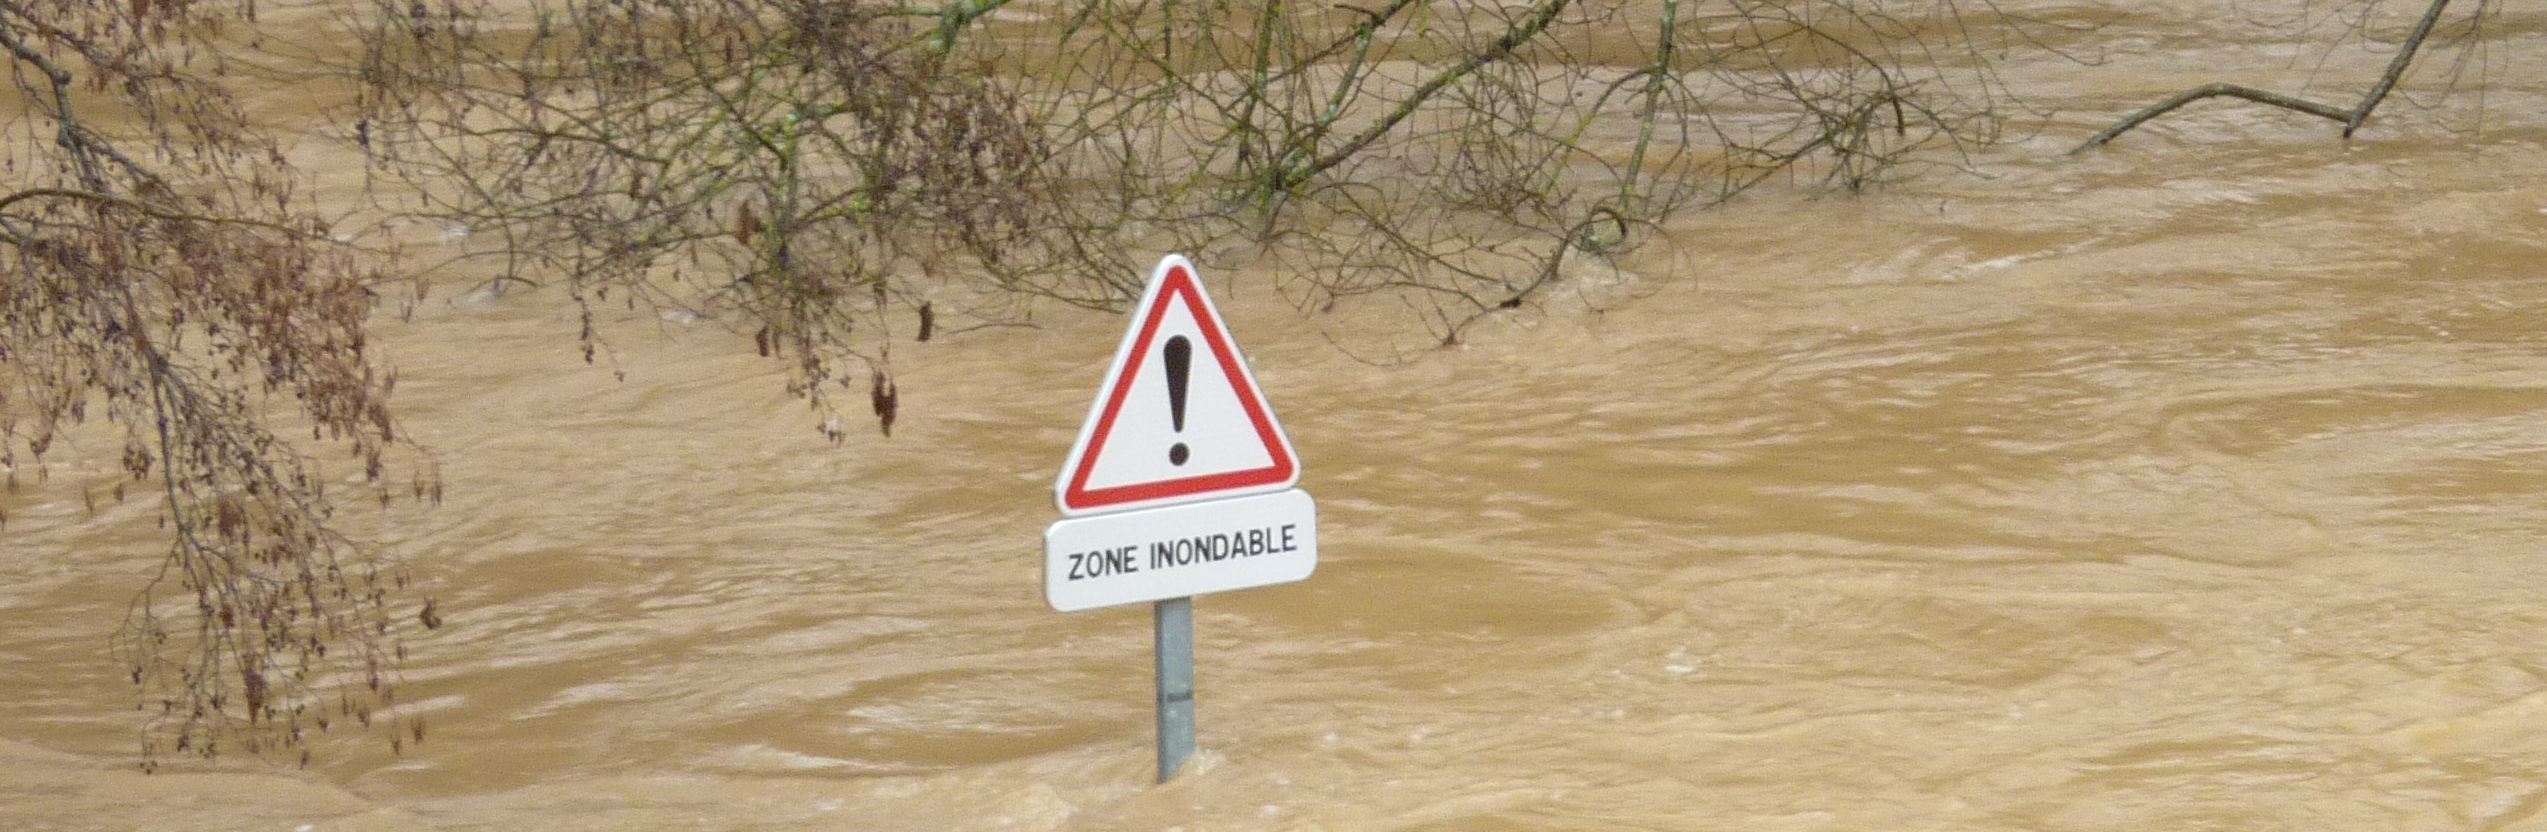 L'acculturation des populations au risque inondation le 23 janvier 2019 à Draguignan (83) et le 8 février 2019 à Bédarrides (83)